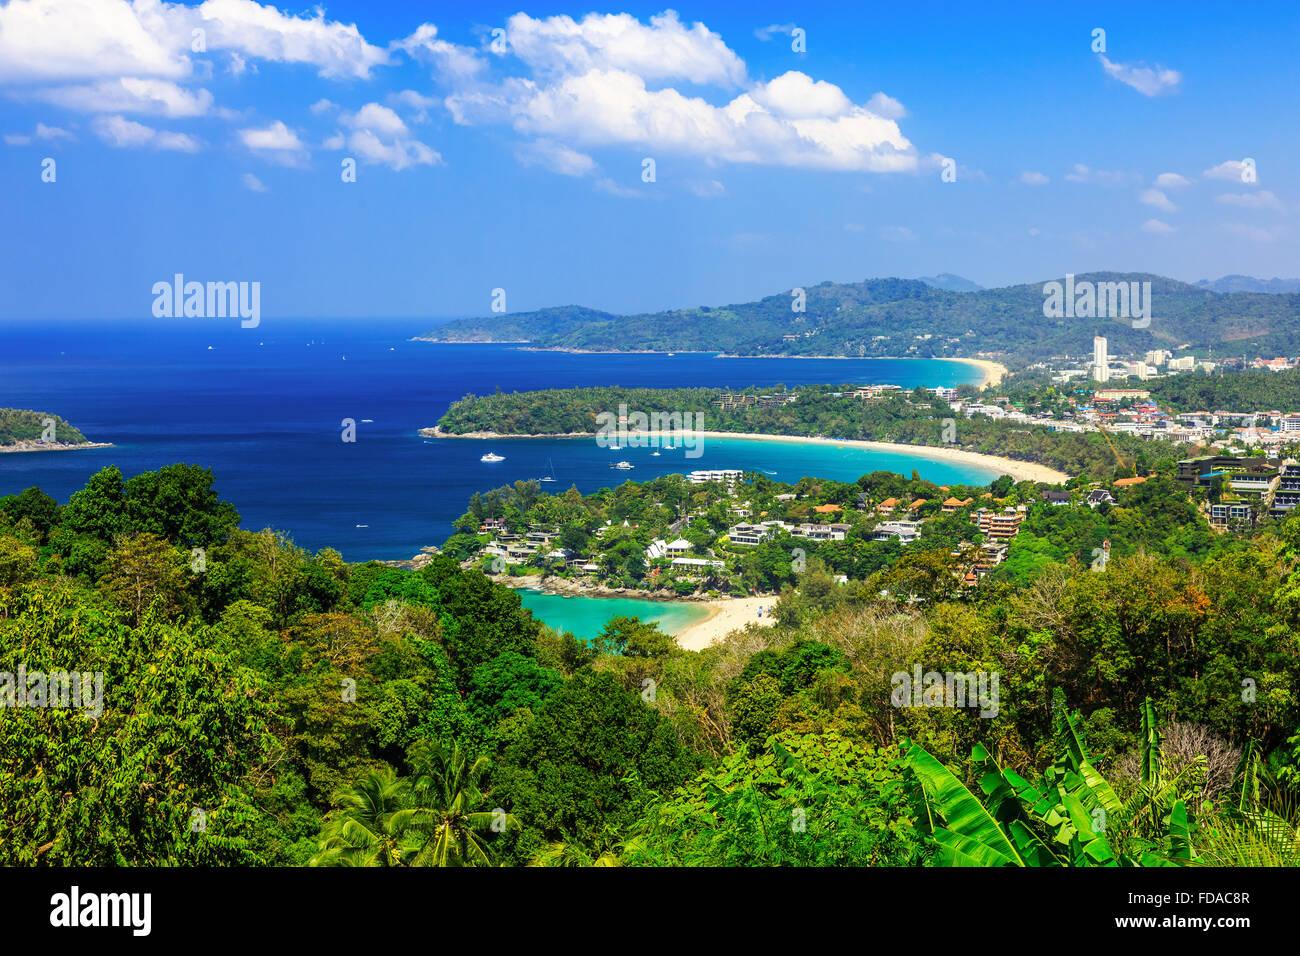 Thailand, Phuket. View point of Kata Noi, Karon Beach and Patong beach. - Stock Image